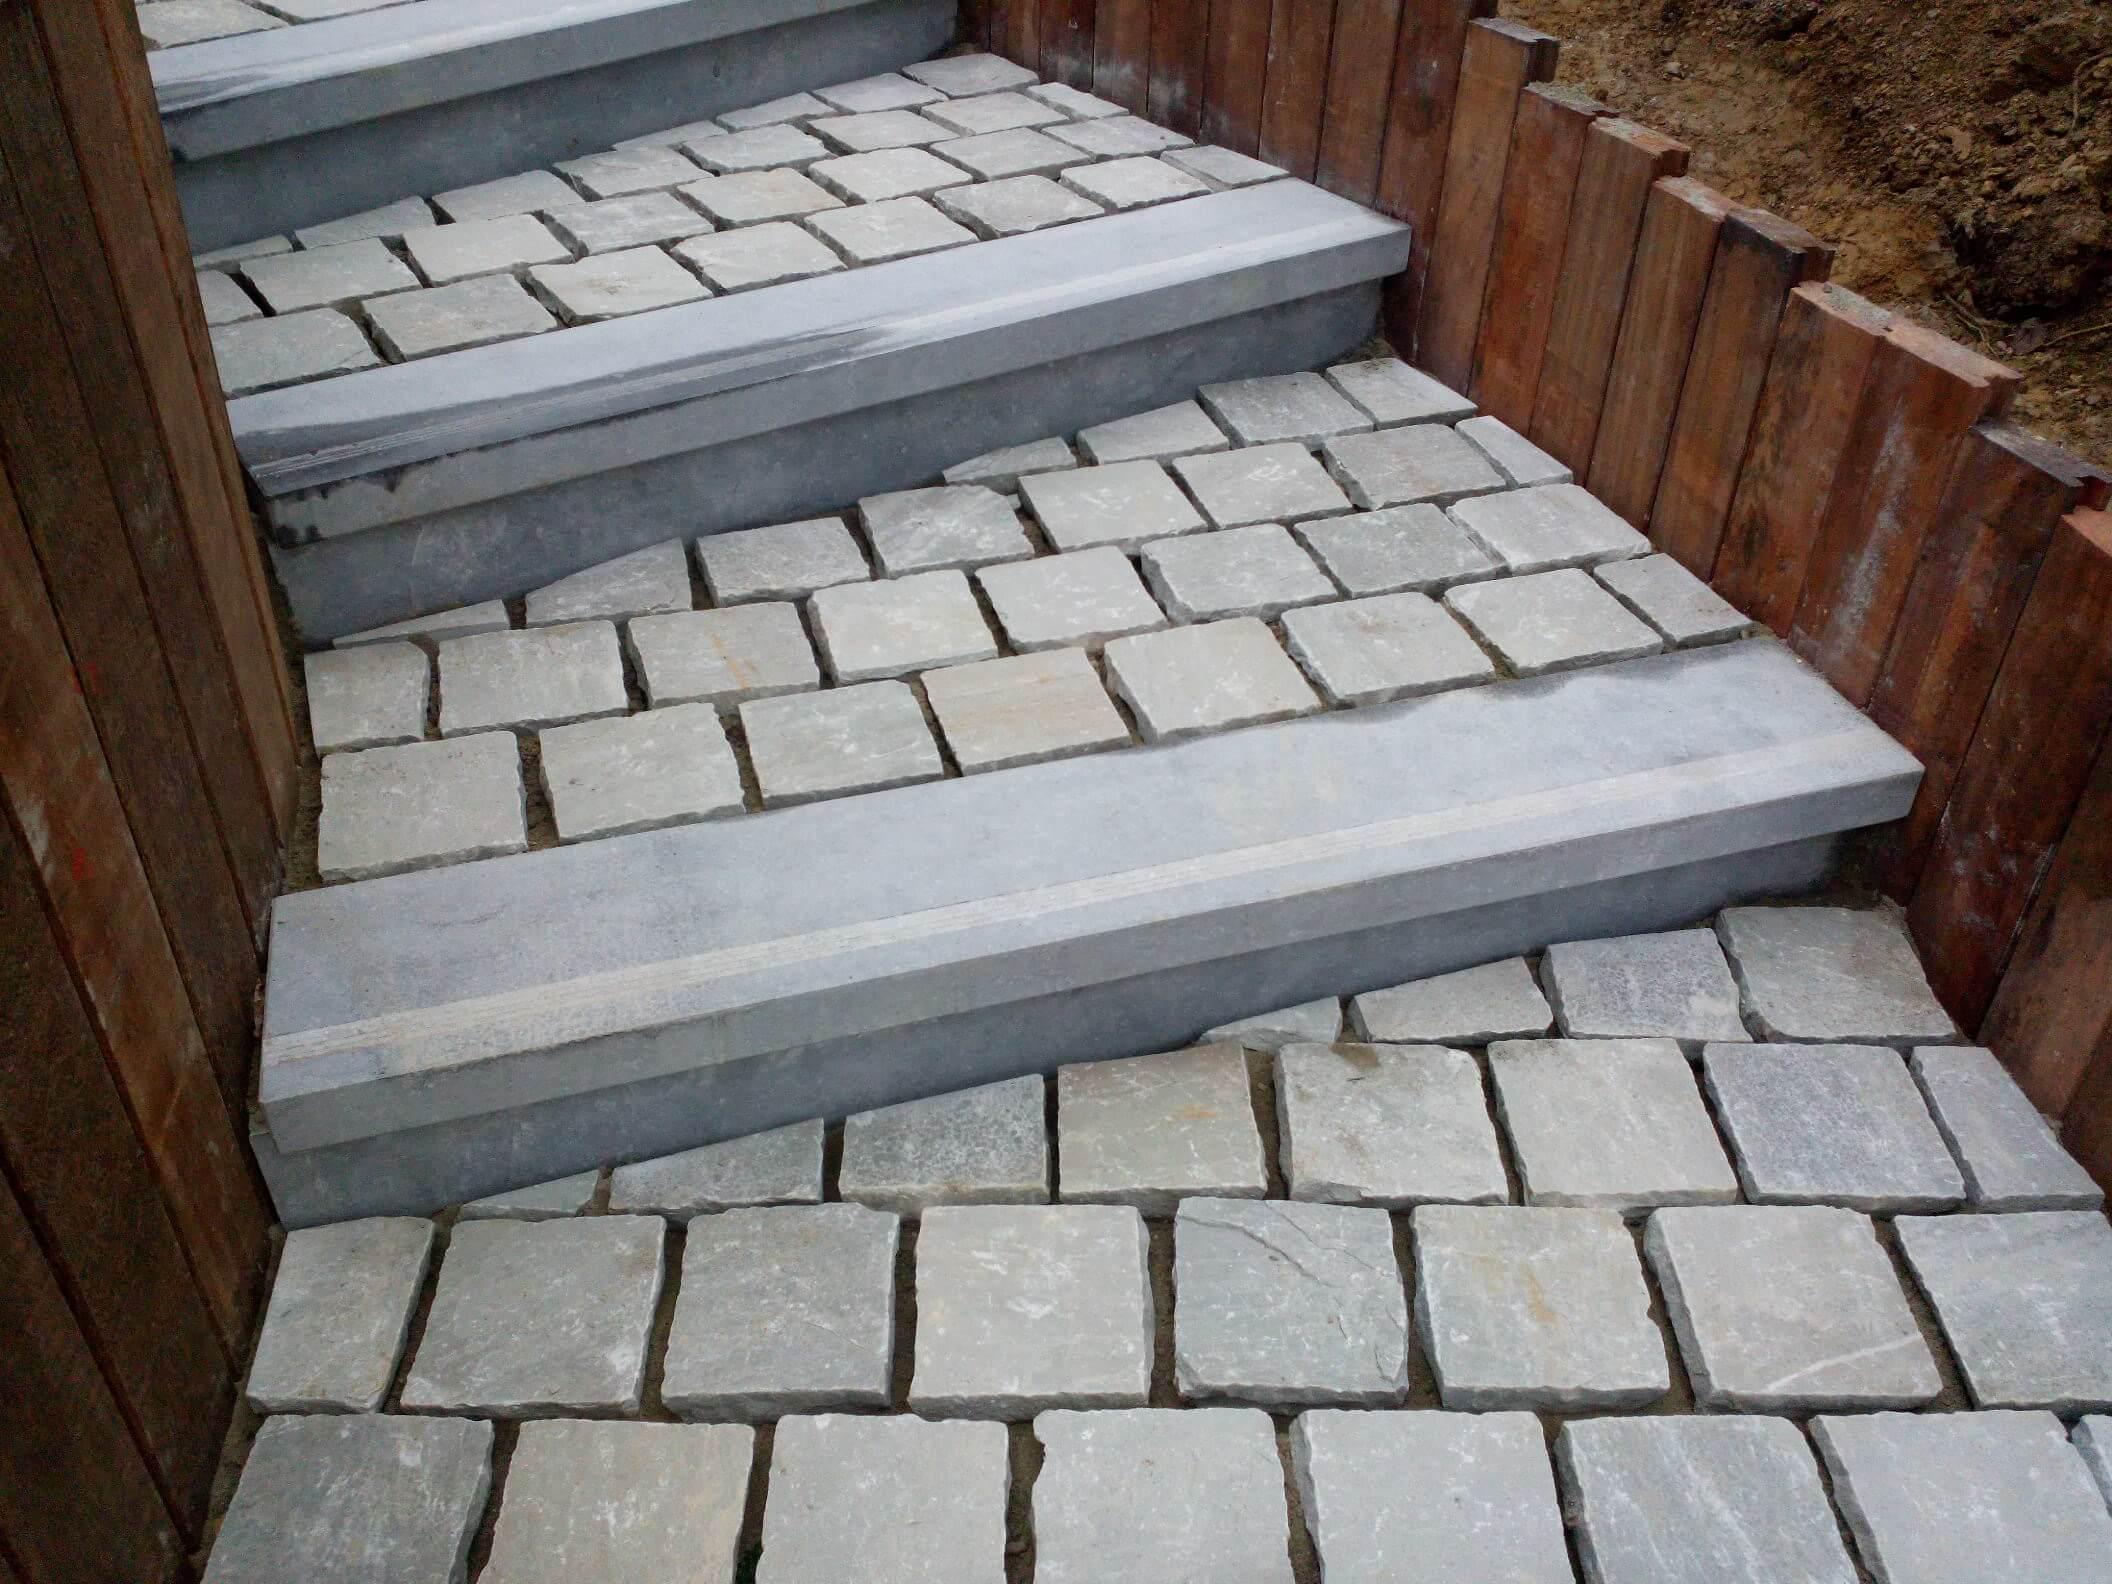 Pav kandla retenue de terre azob escalier pierre bleue for Pierre reconstituee pour escalier exterieur